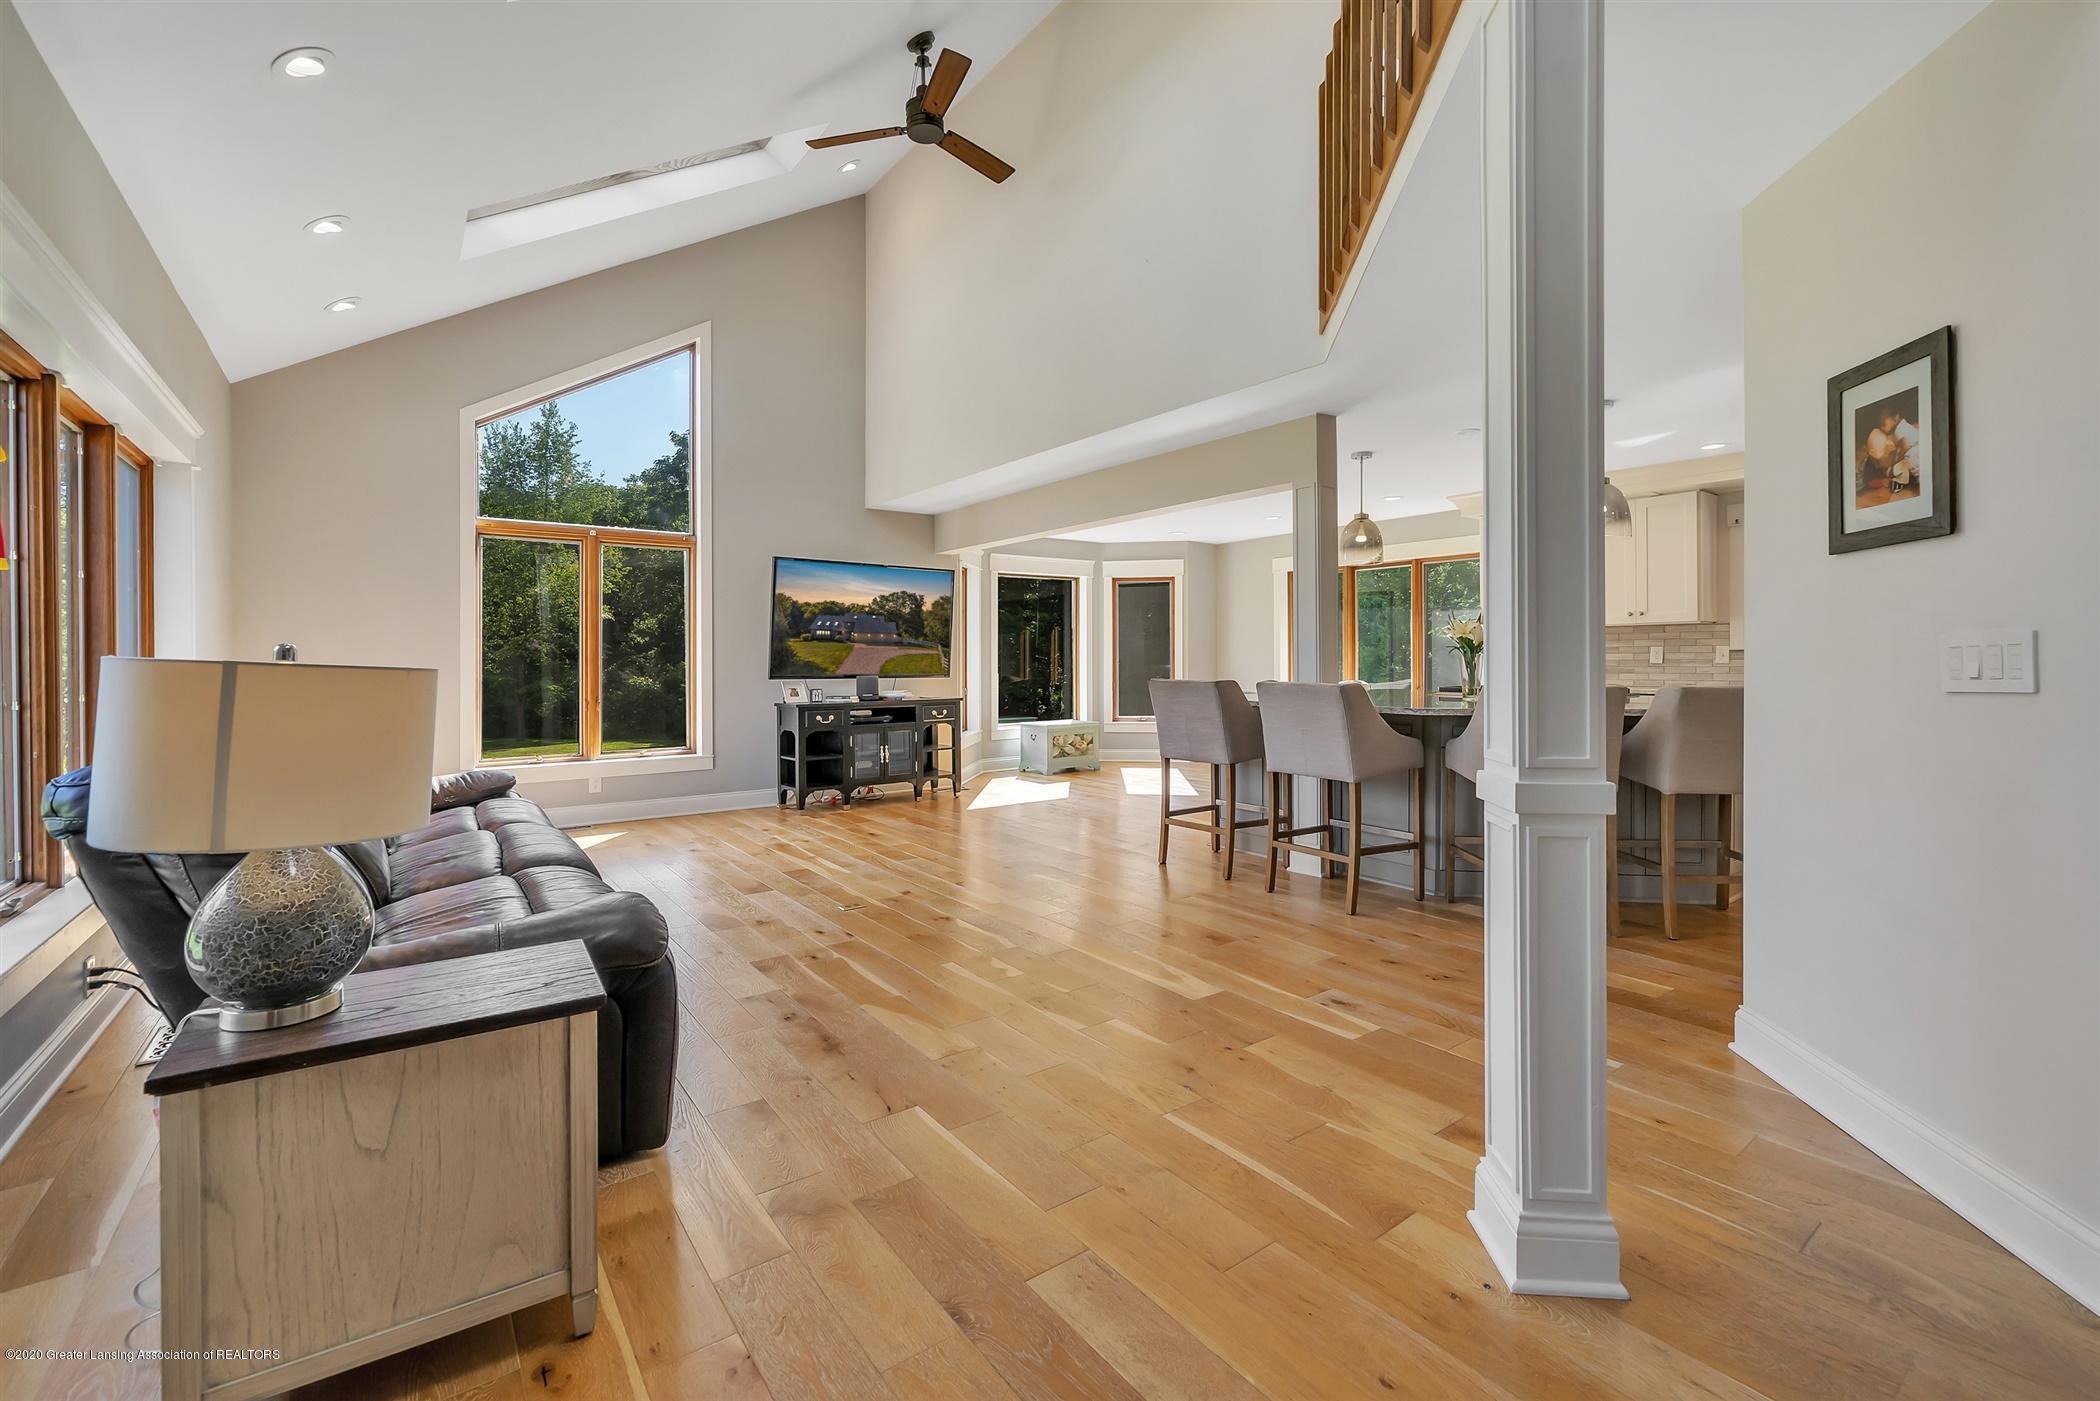 2275 Bravender Rd - MAIN FLOOR Living Room - 5